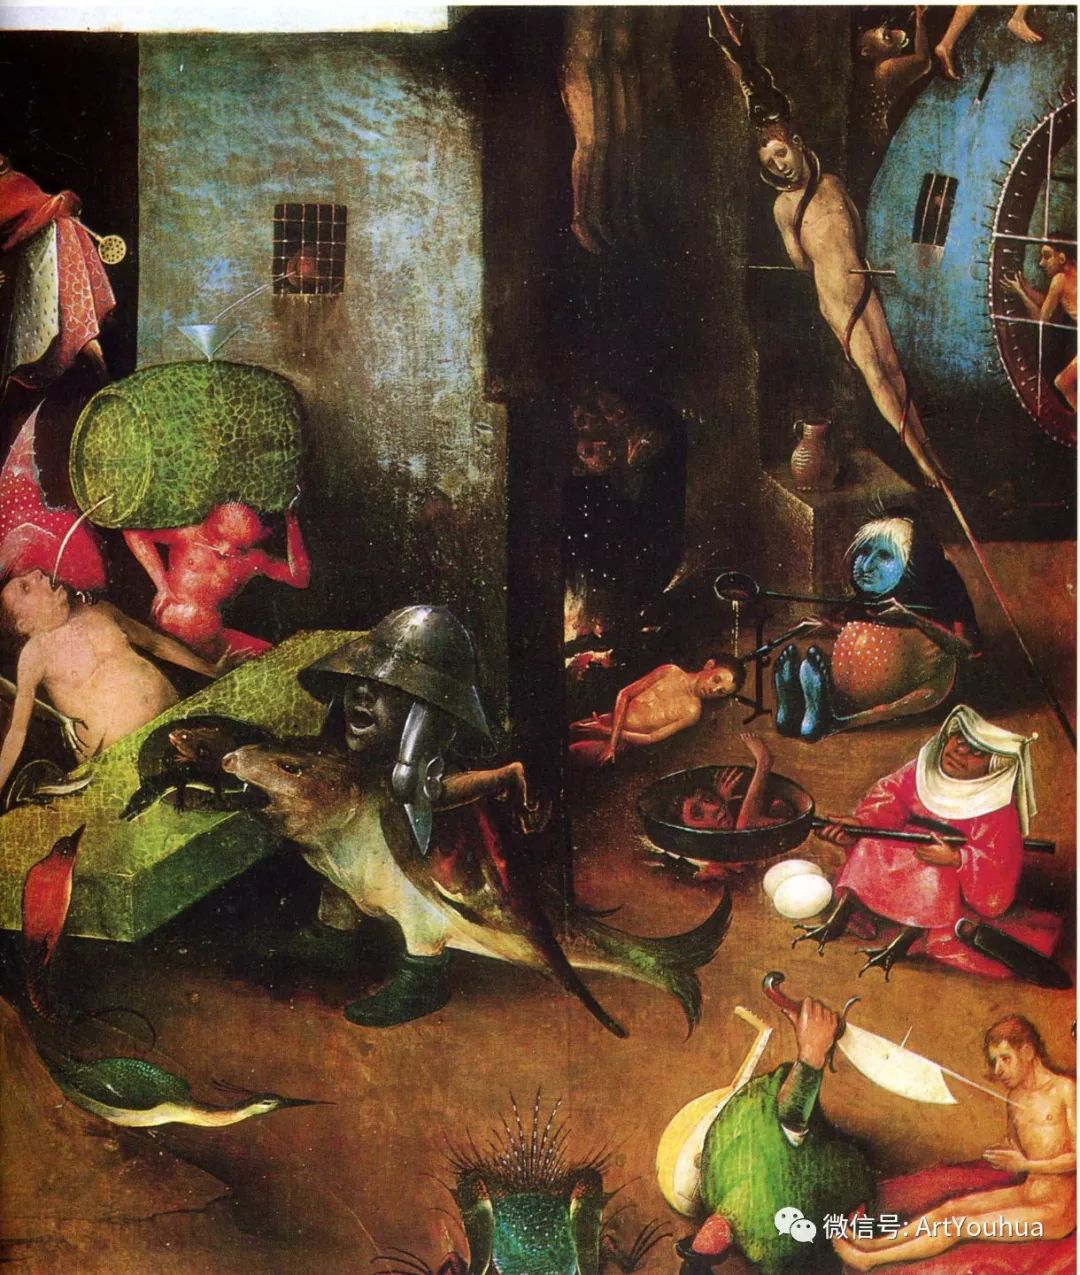 连载No.3 一生要知道的100位世界著名画家之希罗尼穆斯·波希插图11